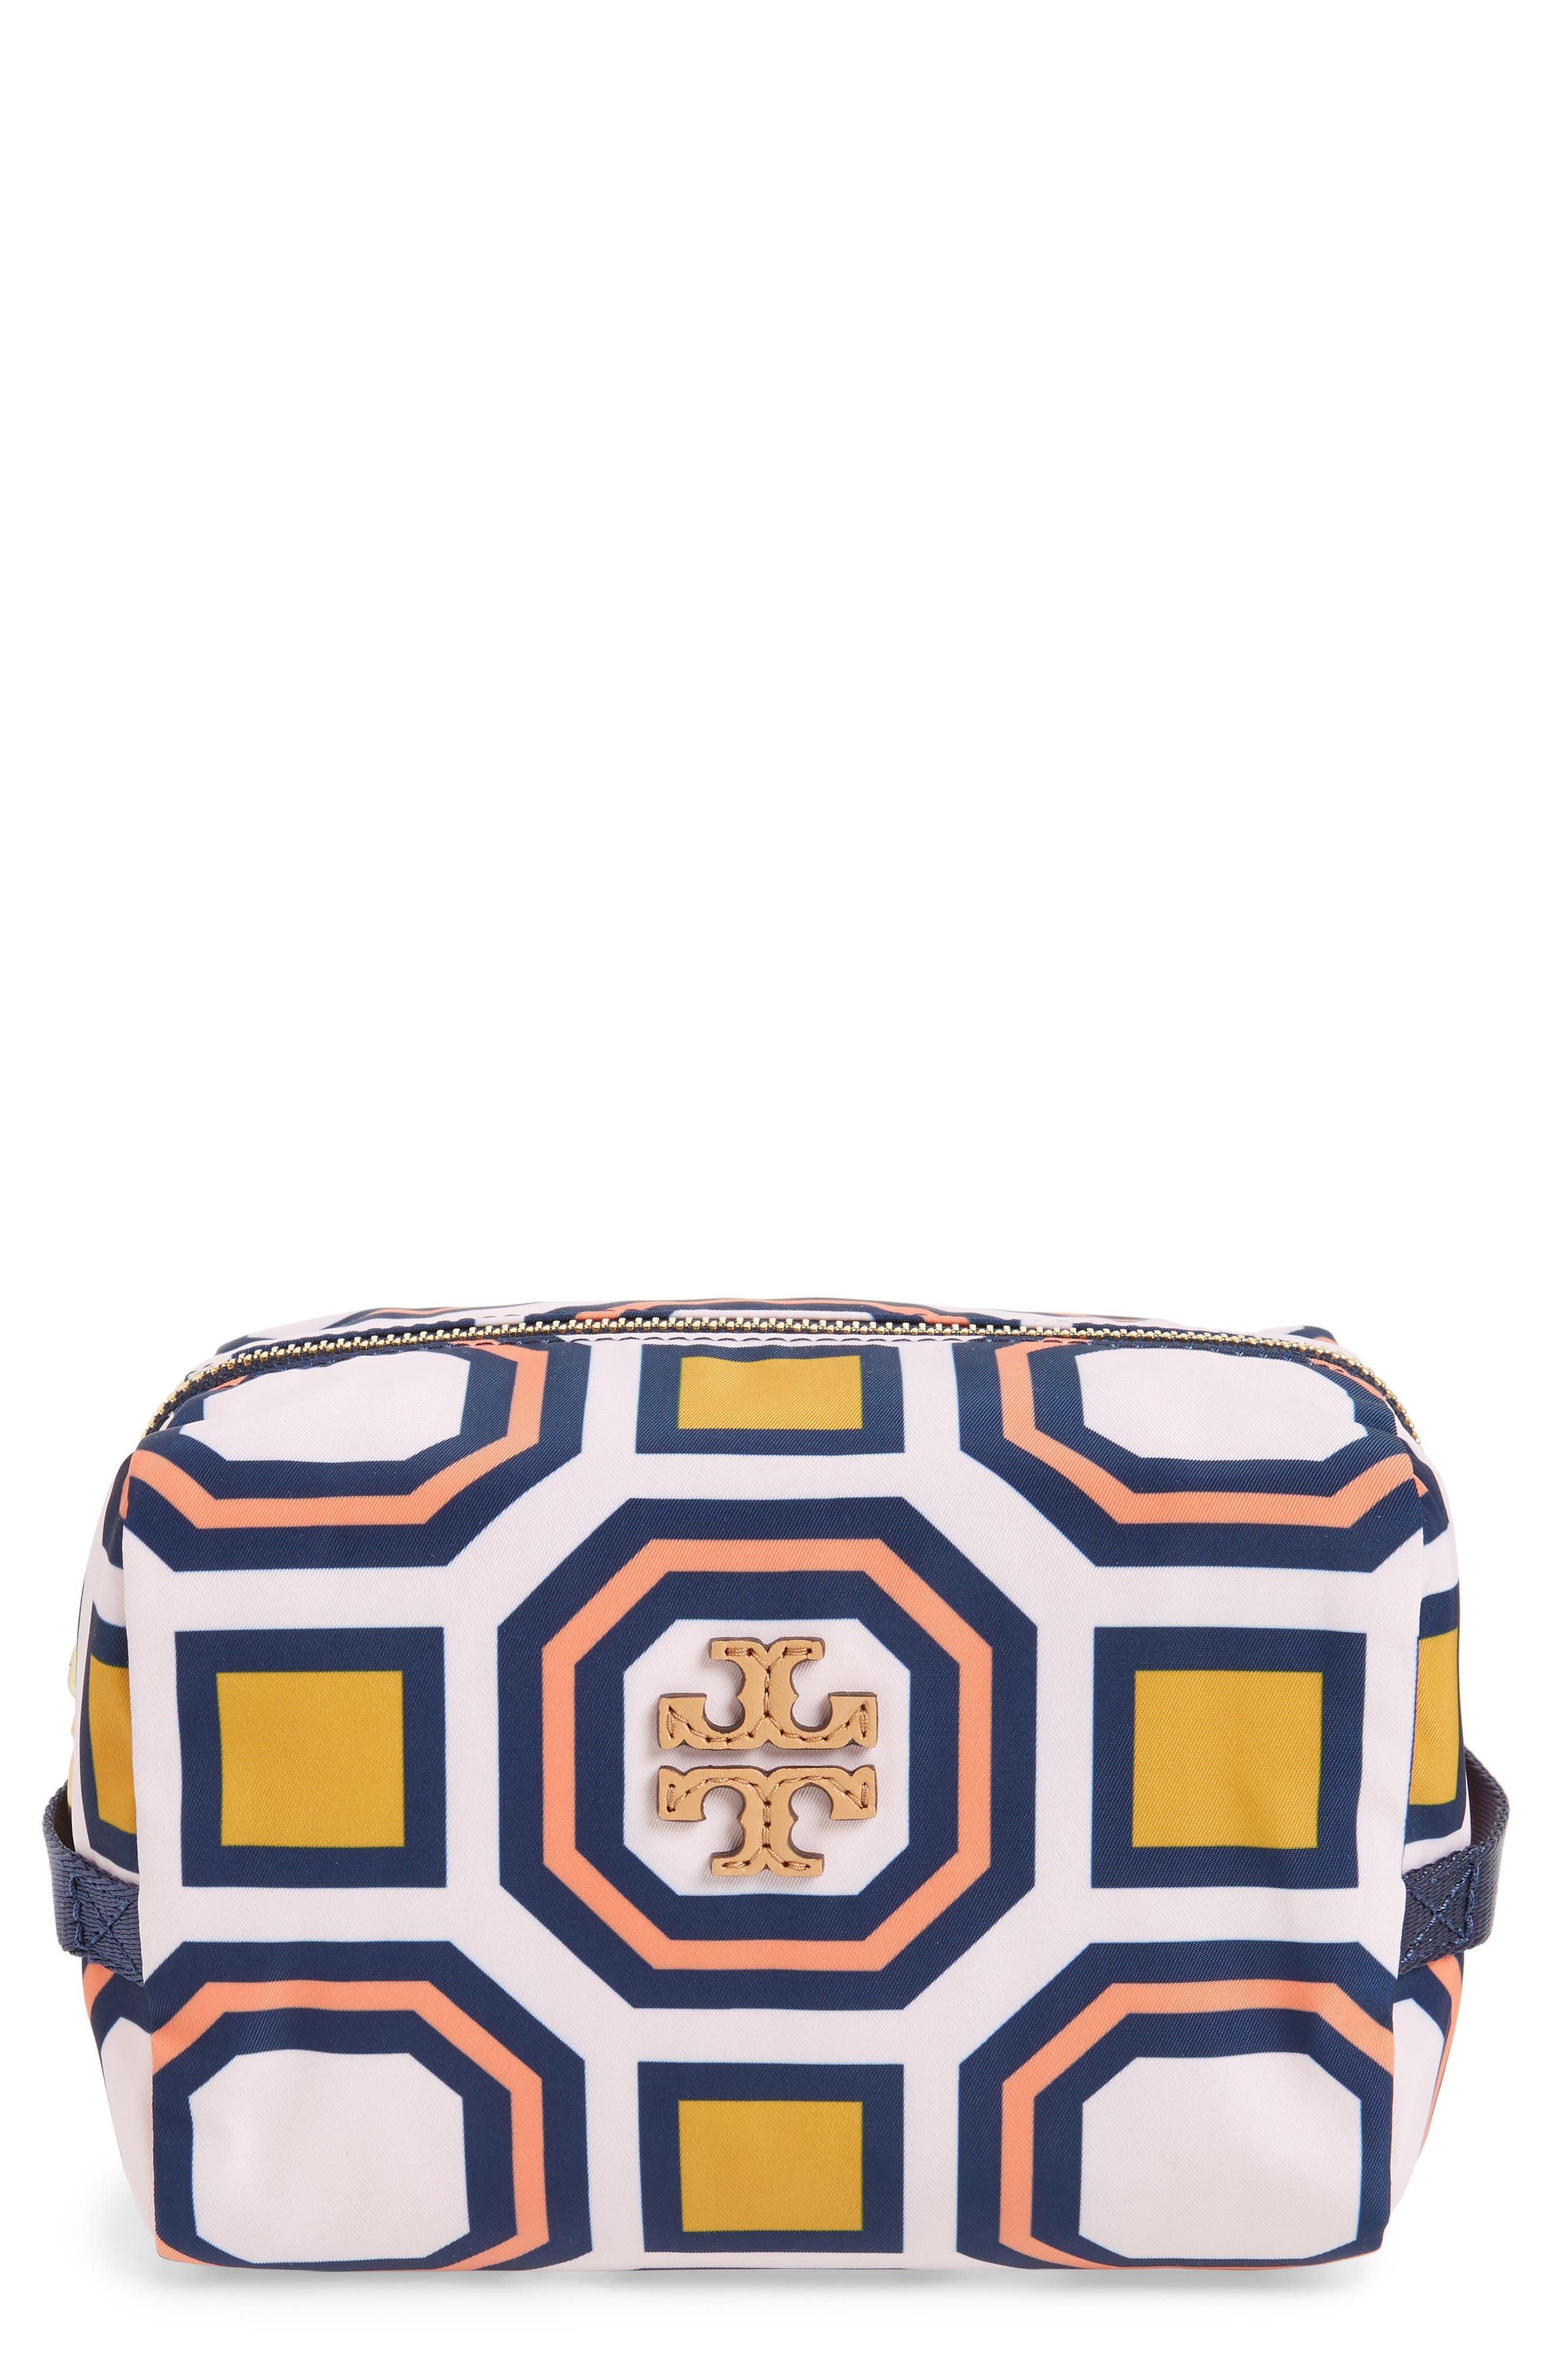 Octagon Print Medium Cosmetics Bag,                         Main,                         color,